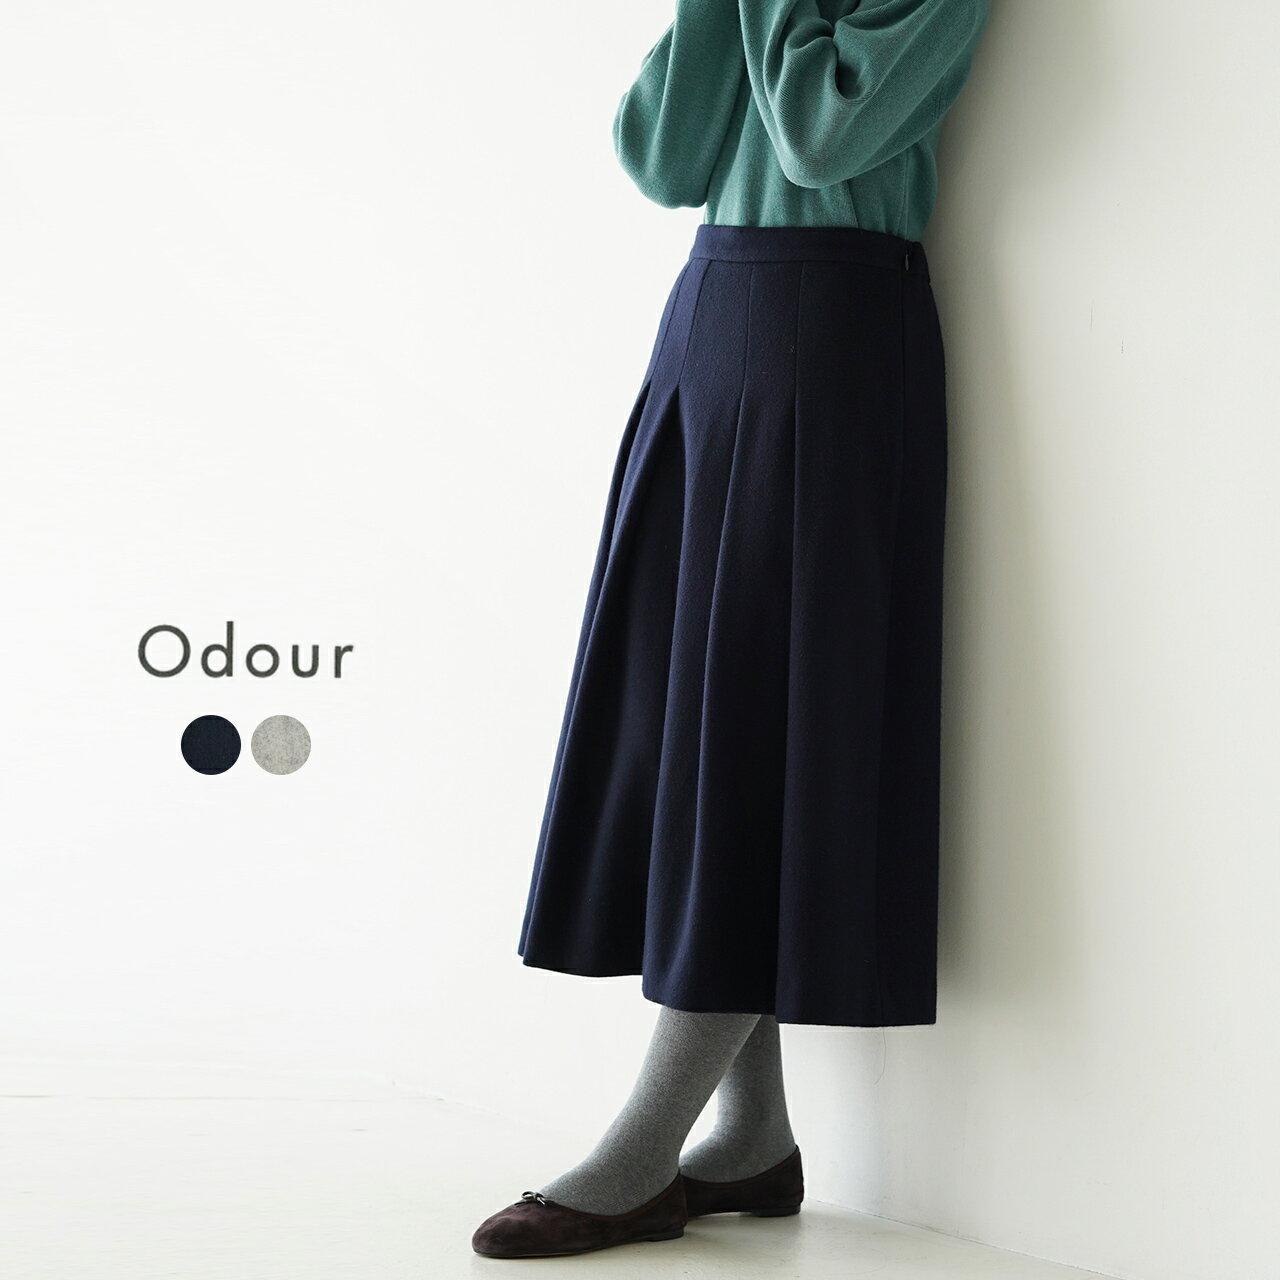 ボトムス, スカート  2021 OD-SK1304 Odour 0730